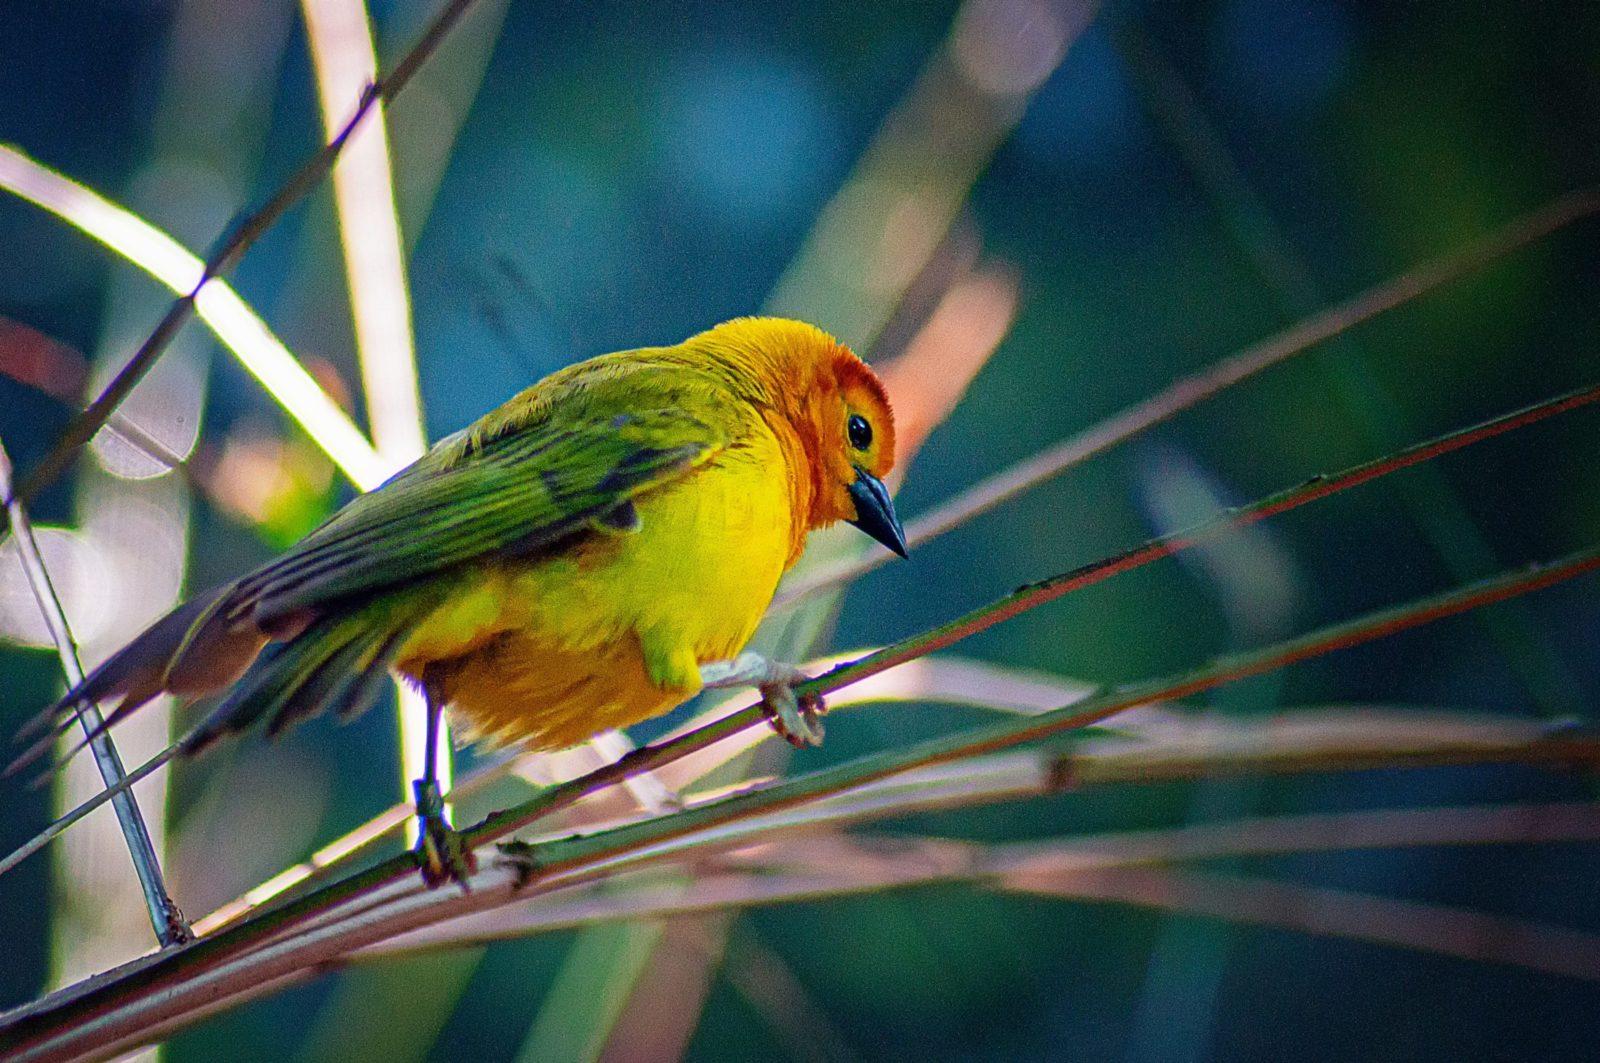 O canário tem comportamento dócil e aspecto frágil